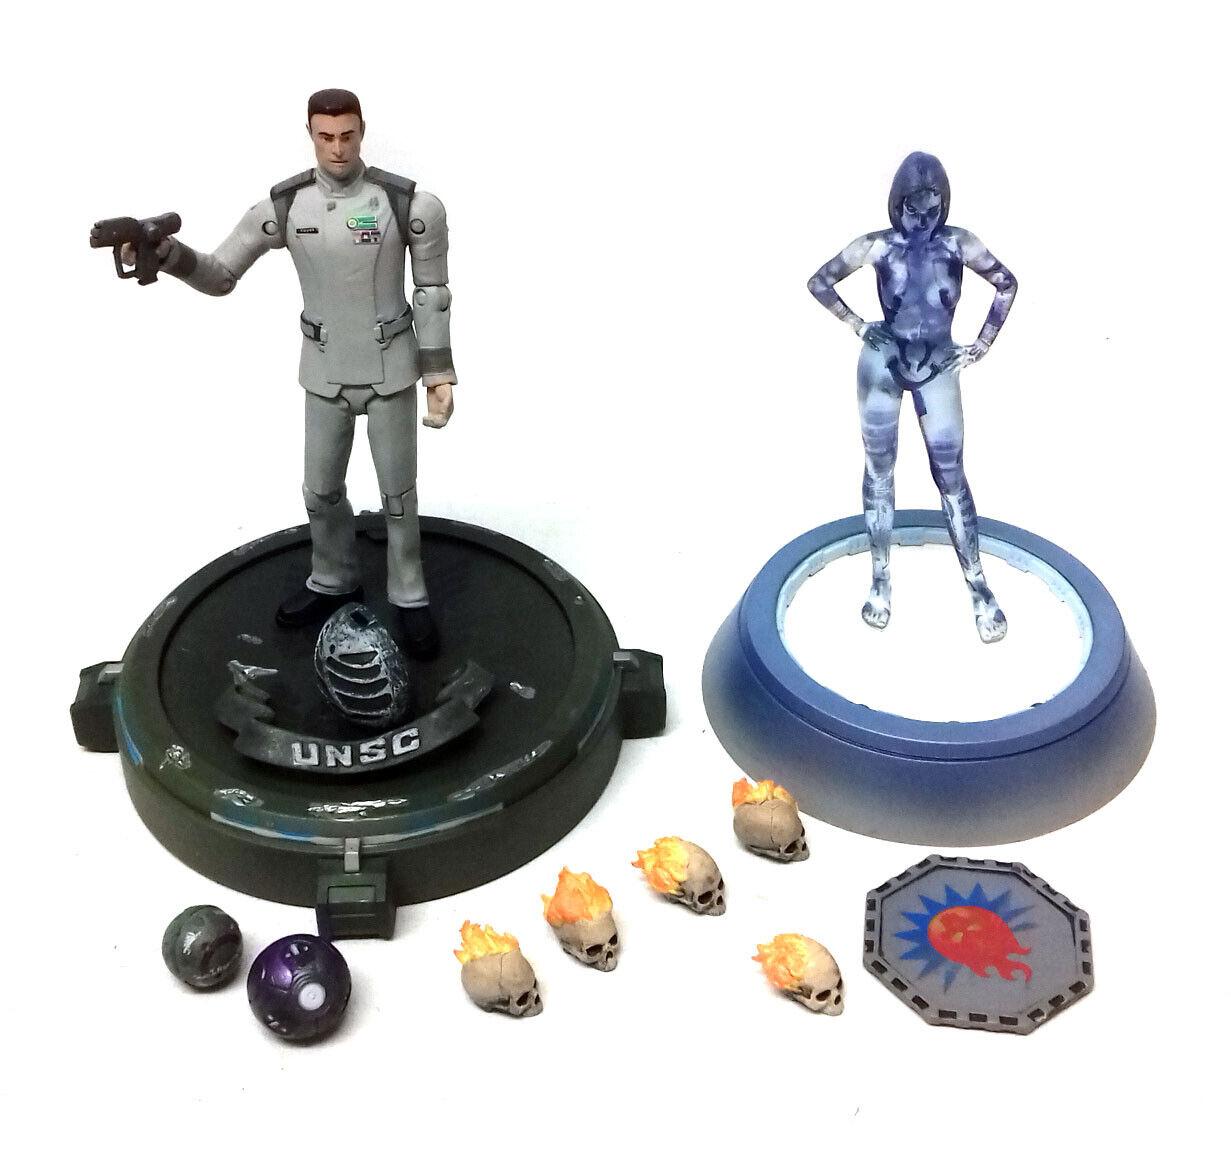 McFarlane Spielzeugs Halo Reach serie 5  Video buchstabieren Spielzeug figures & Accessories set